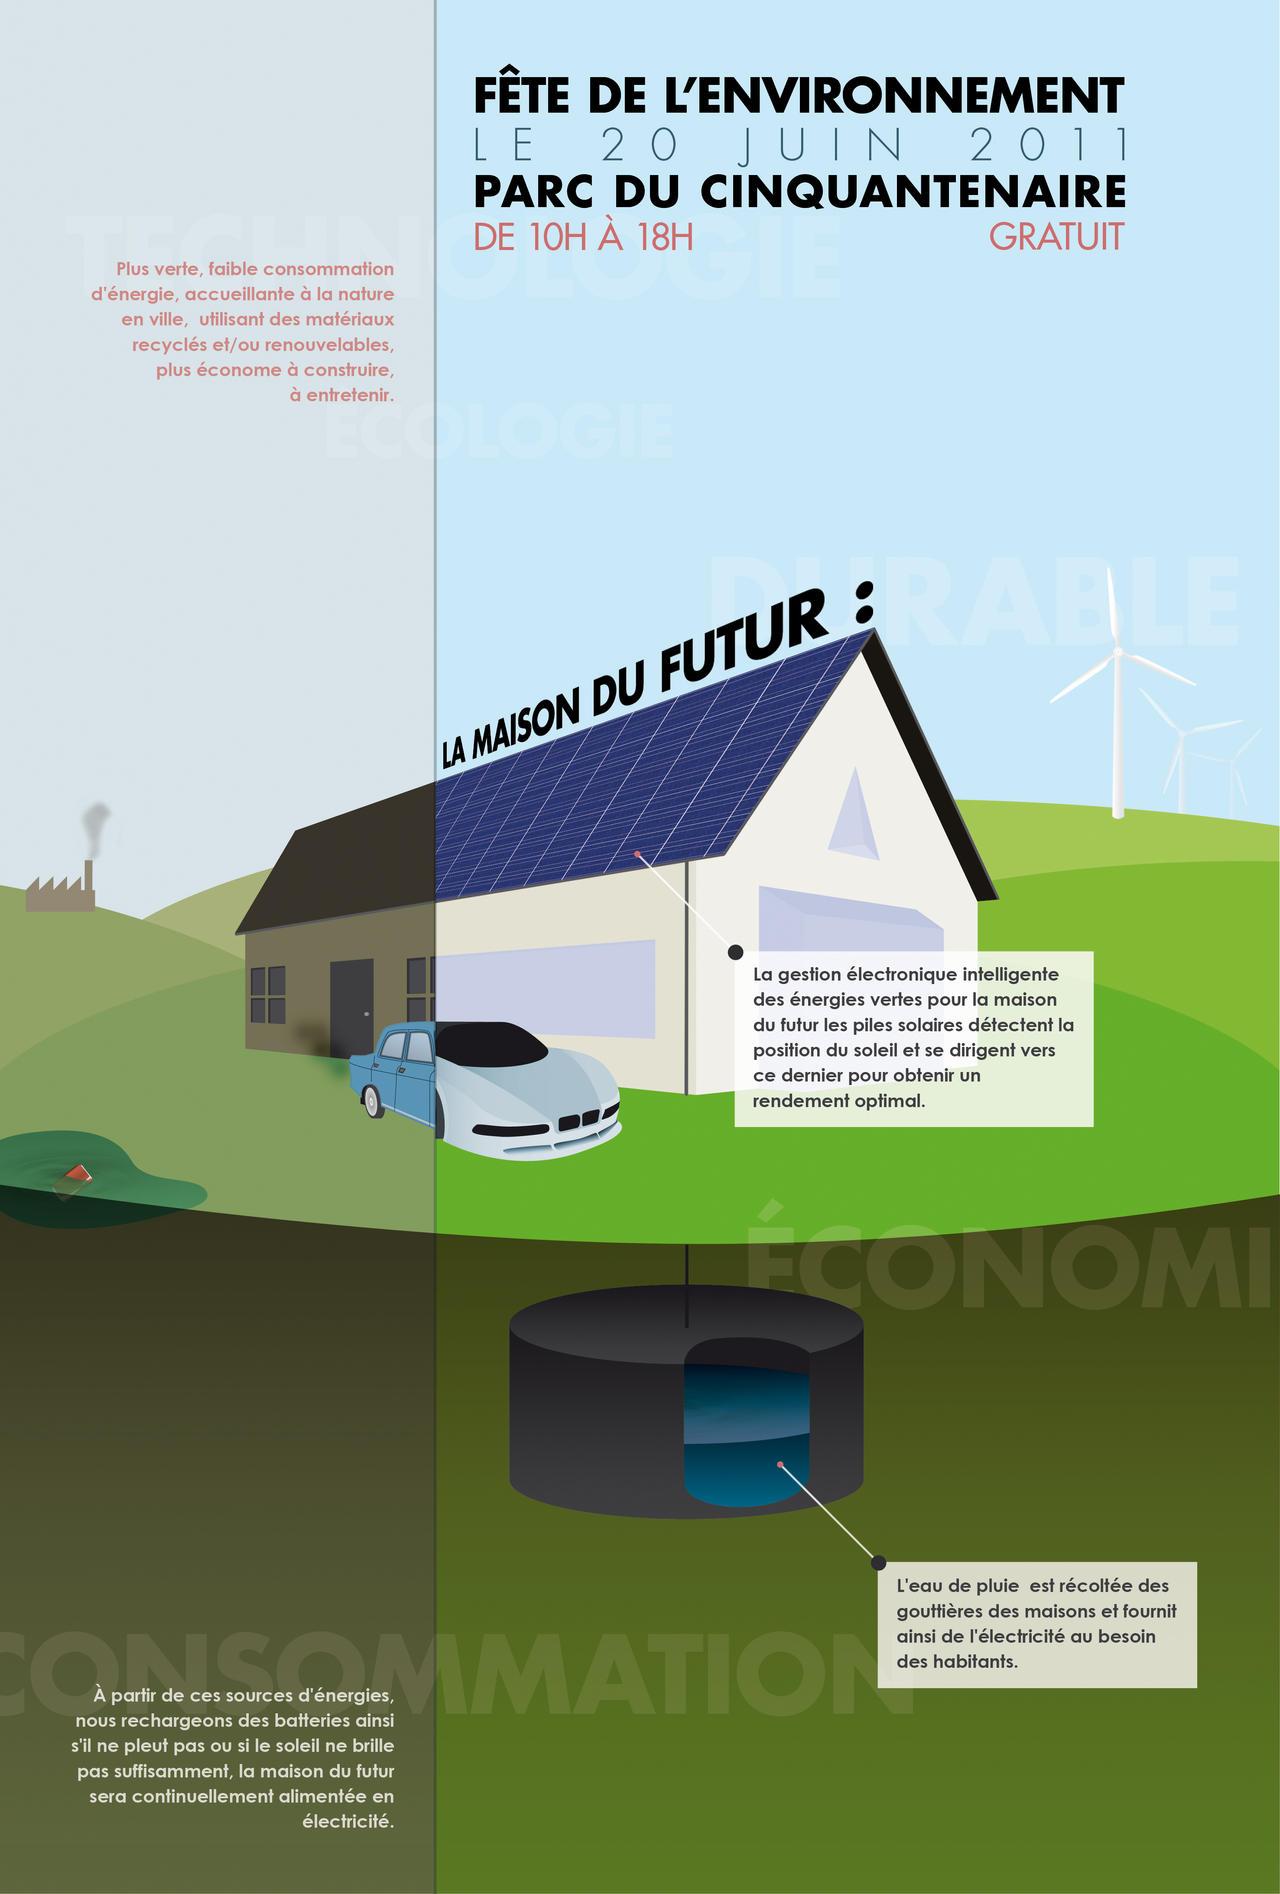 maison du futur brussel 2011 by gregodal on deviantart. Black Bedroom Furniture Sets. Home Design Ideas